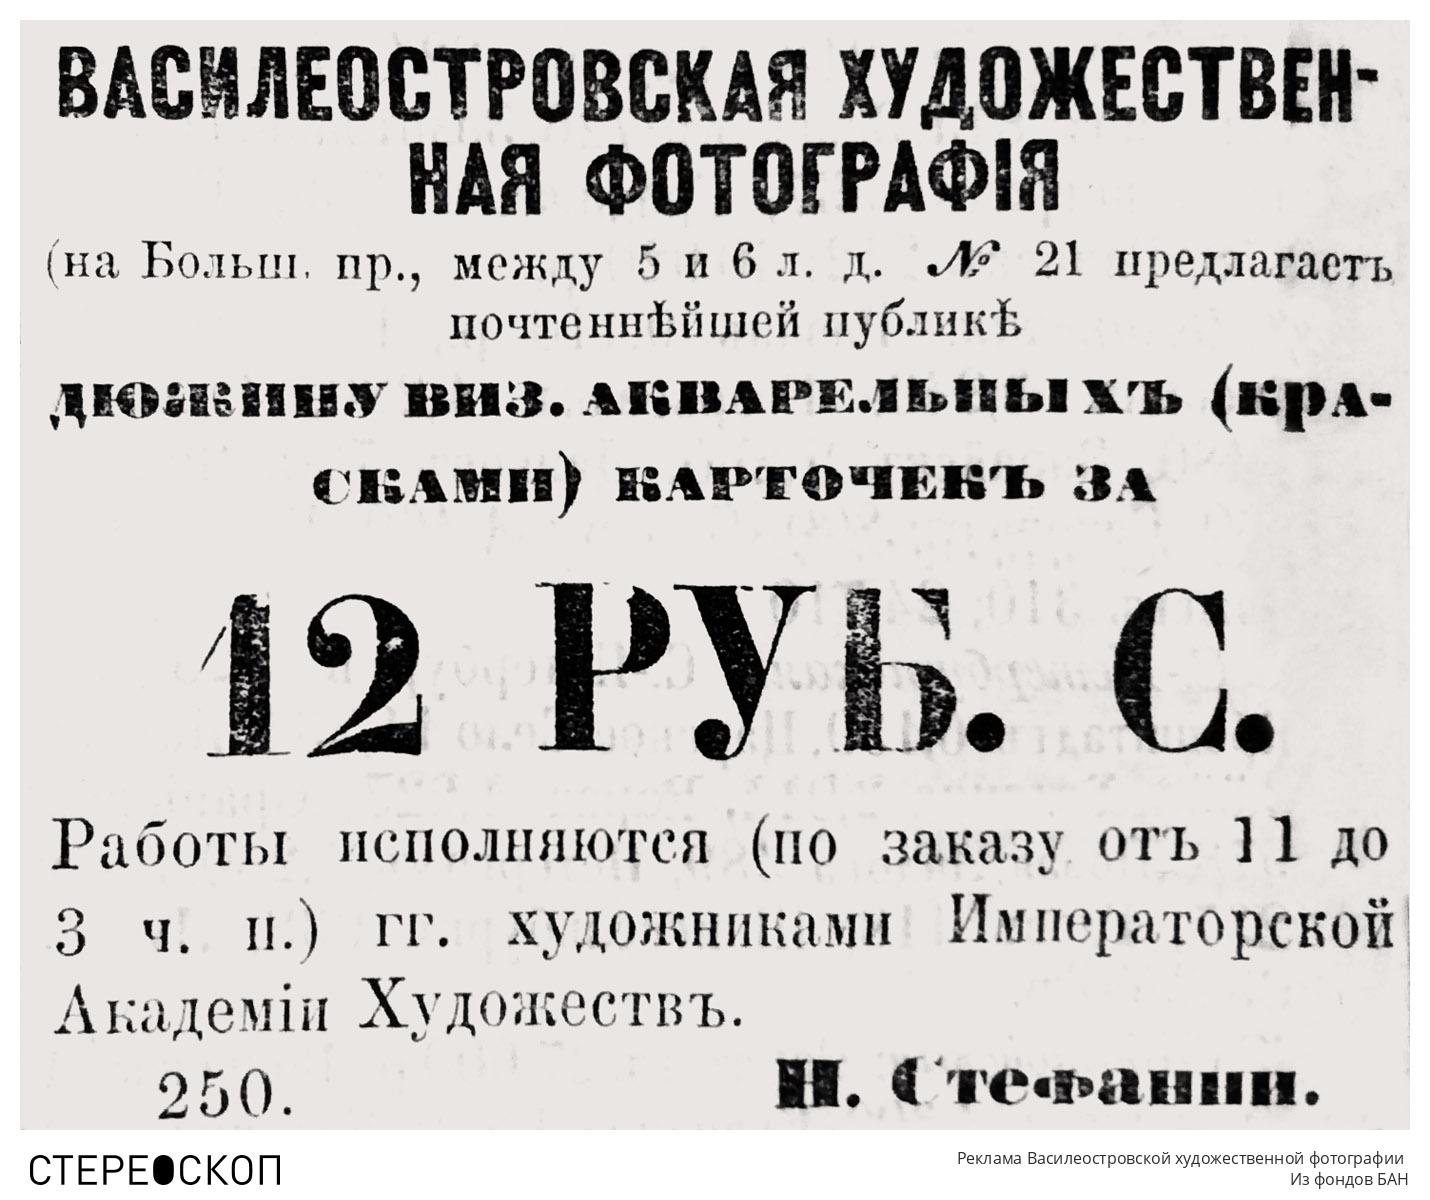 Реклама Василеостровской художественной фотографии